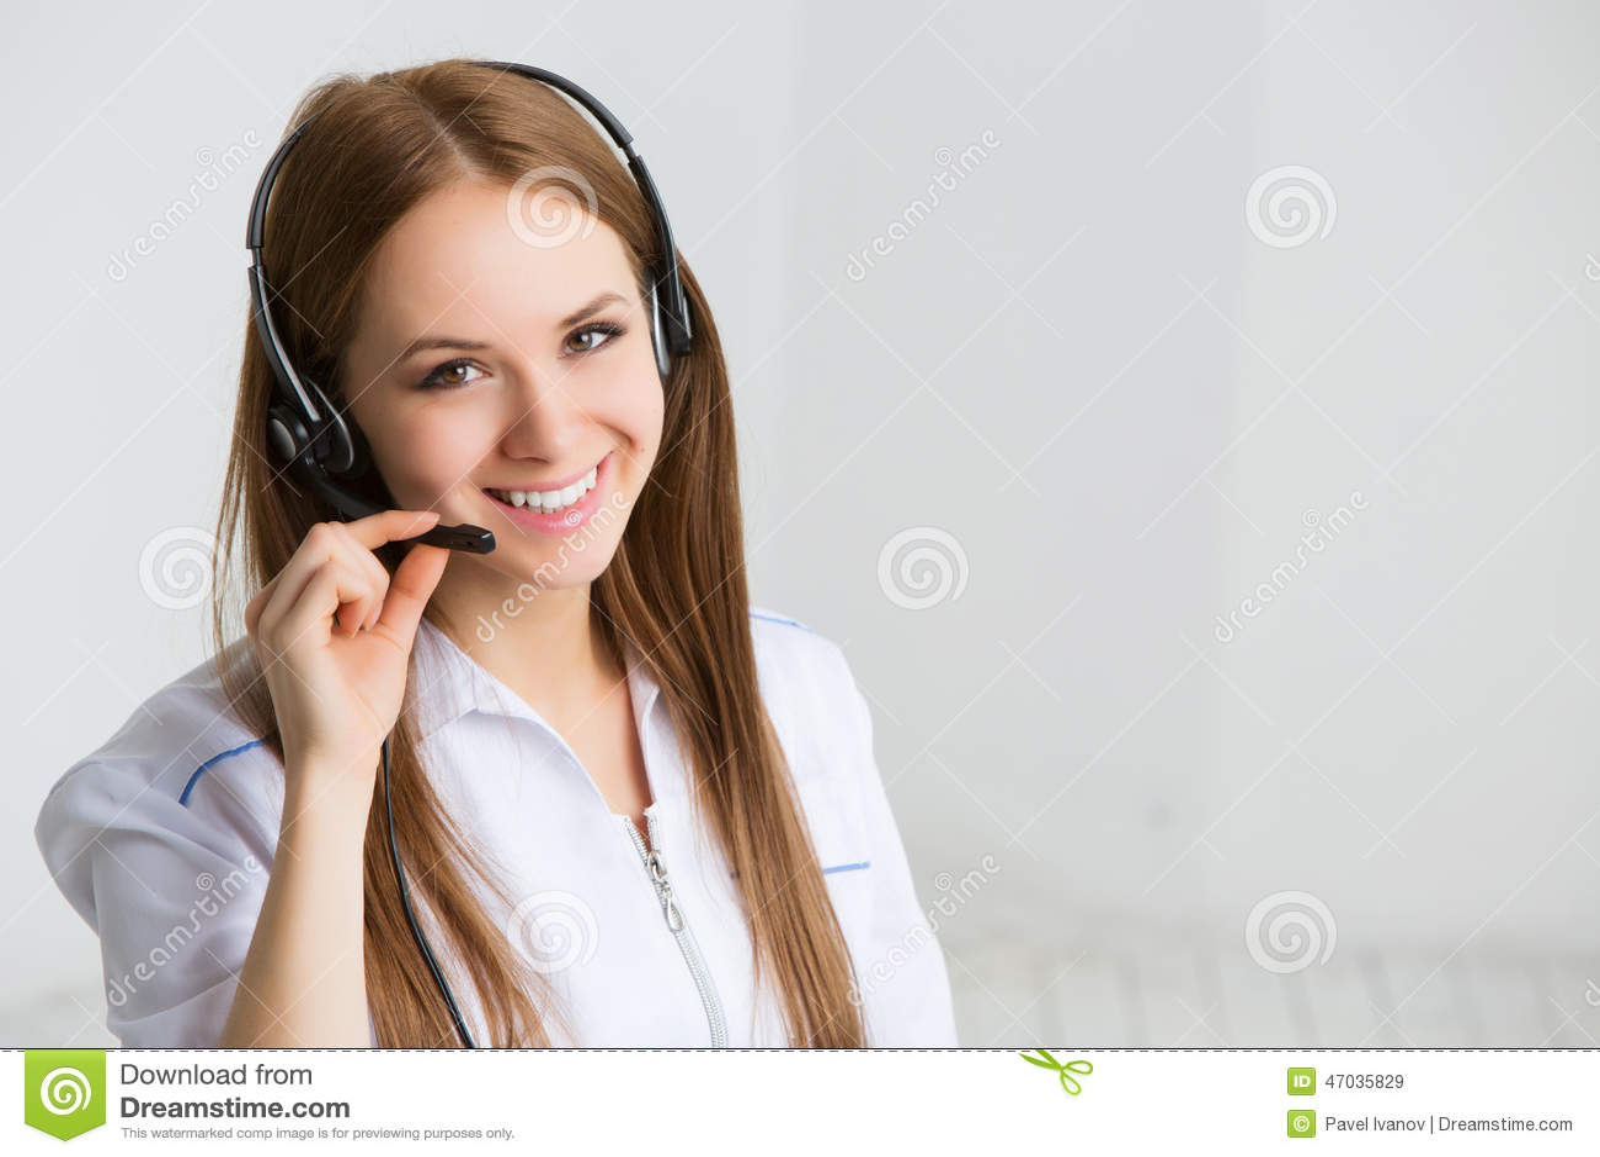 Lavoratore di servizio di assistenza al cliente della donna, operatore di call center